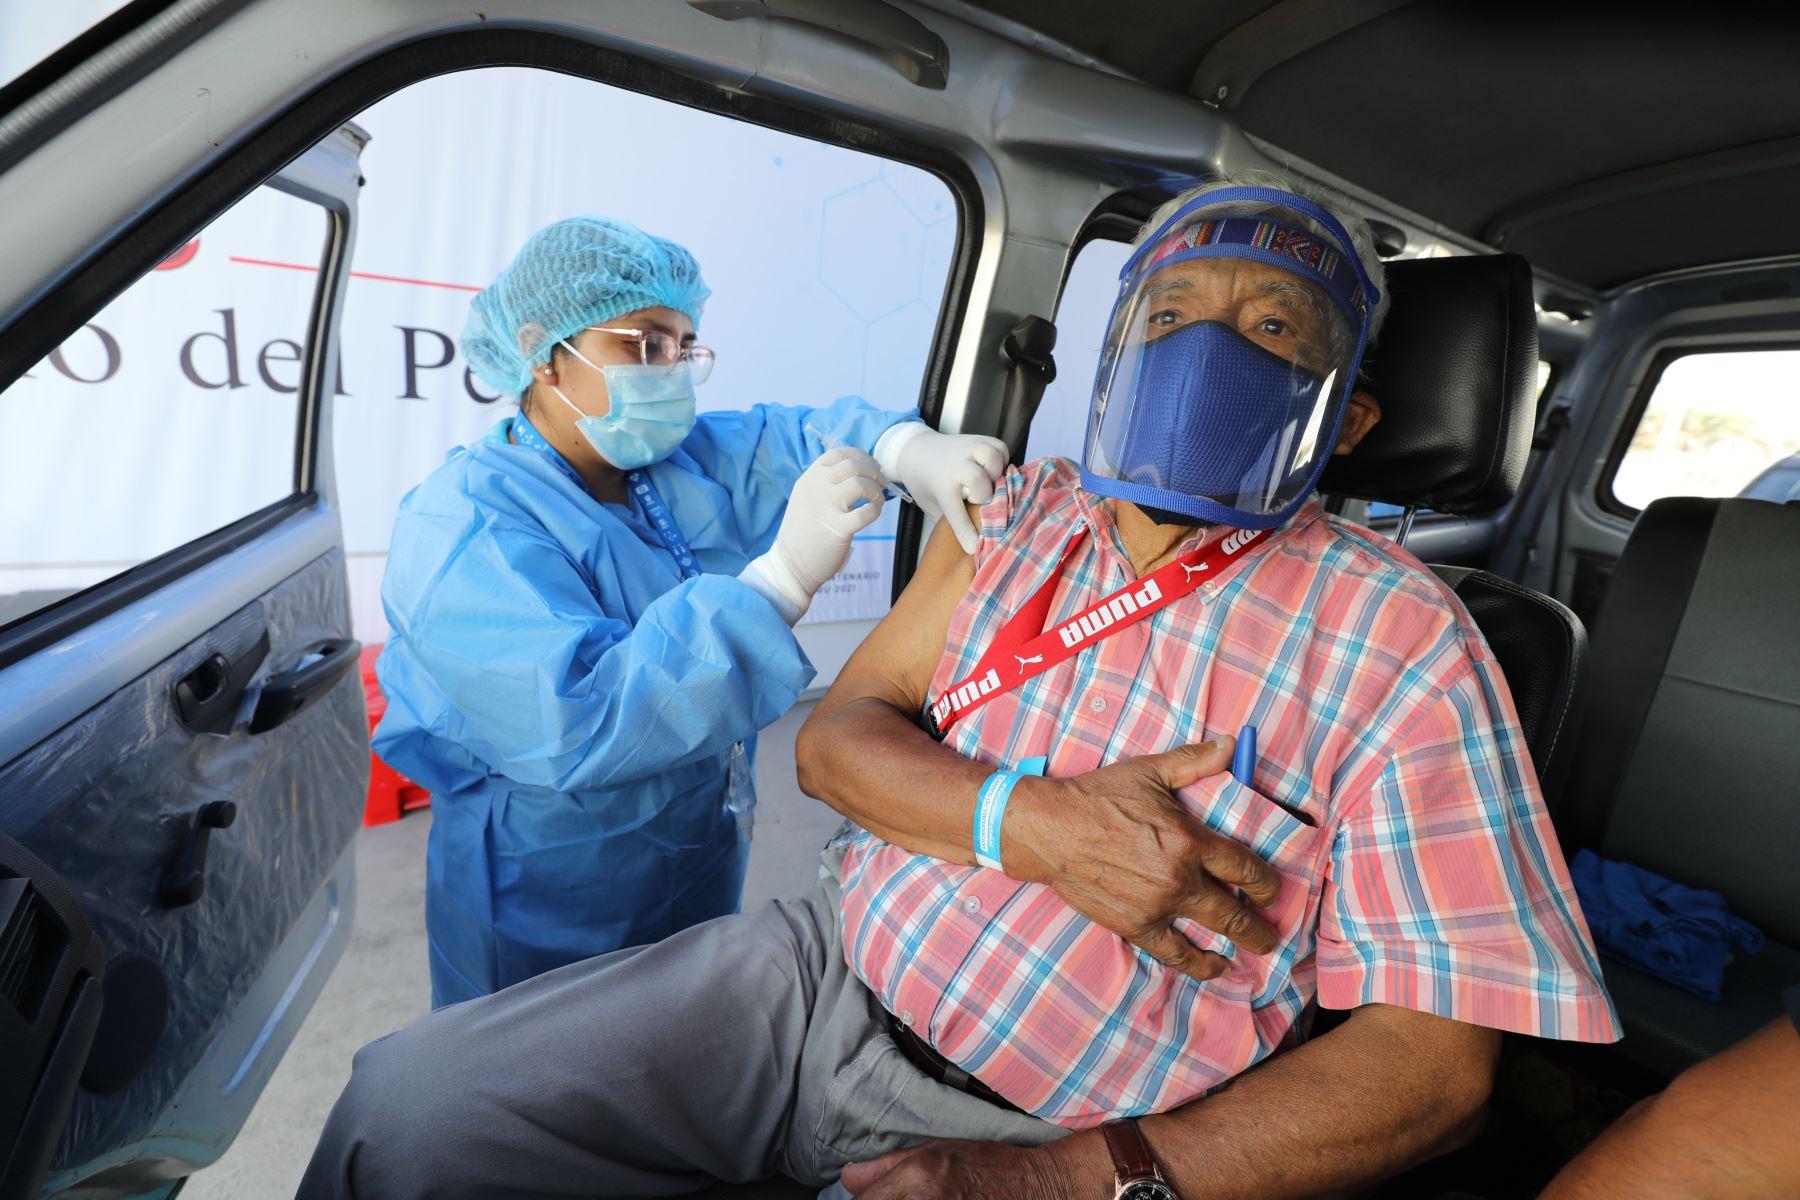 Los asegurados adultos mayores, de 85 años a más, previamente citados, llegaron a inmunizarse con la segunda dosis de la vacuna contra la covid-19, al vacunatorio de la Explanada del Estadio Monumental.  Foto: ANDINA/Essalud